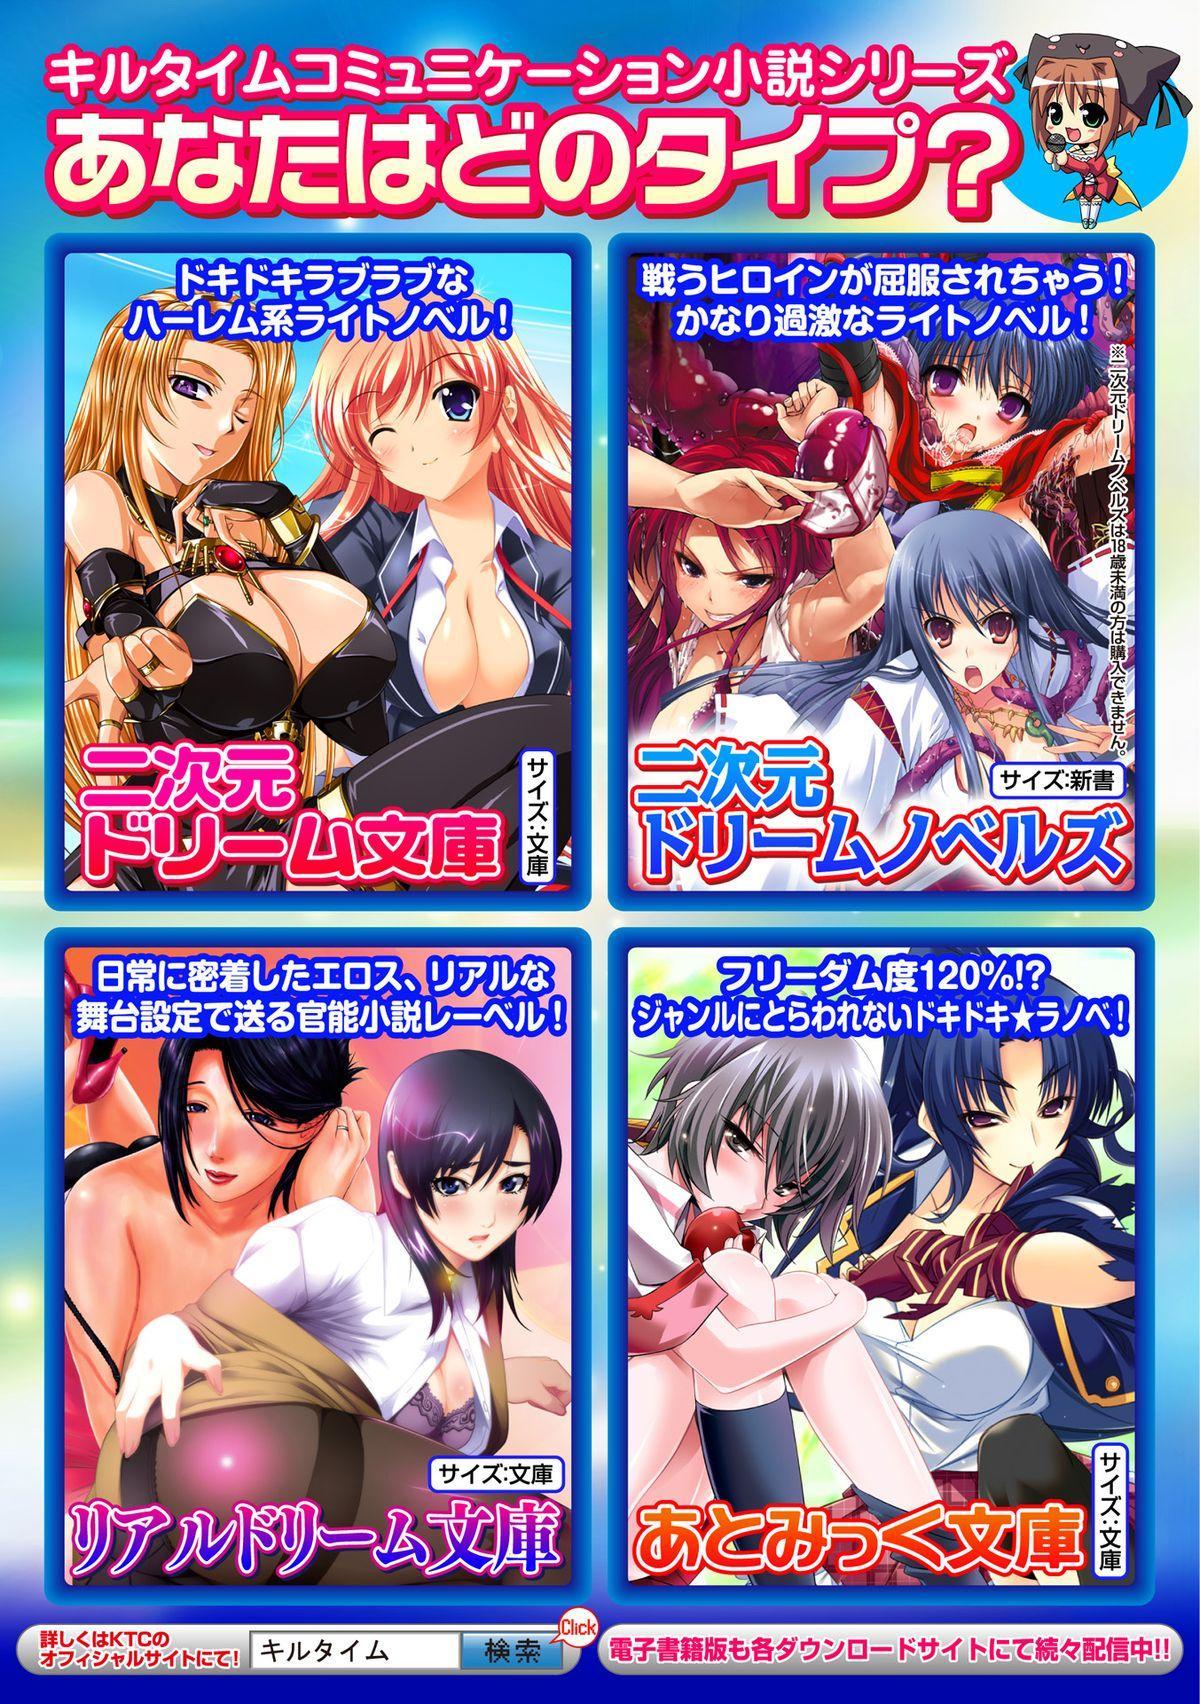 2D Comic Magazine Dengekisemeni Zecchouacmesuru Heroine tachi! Vol.1 67